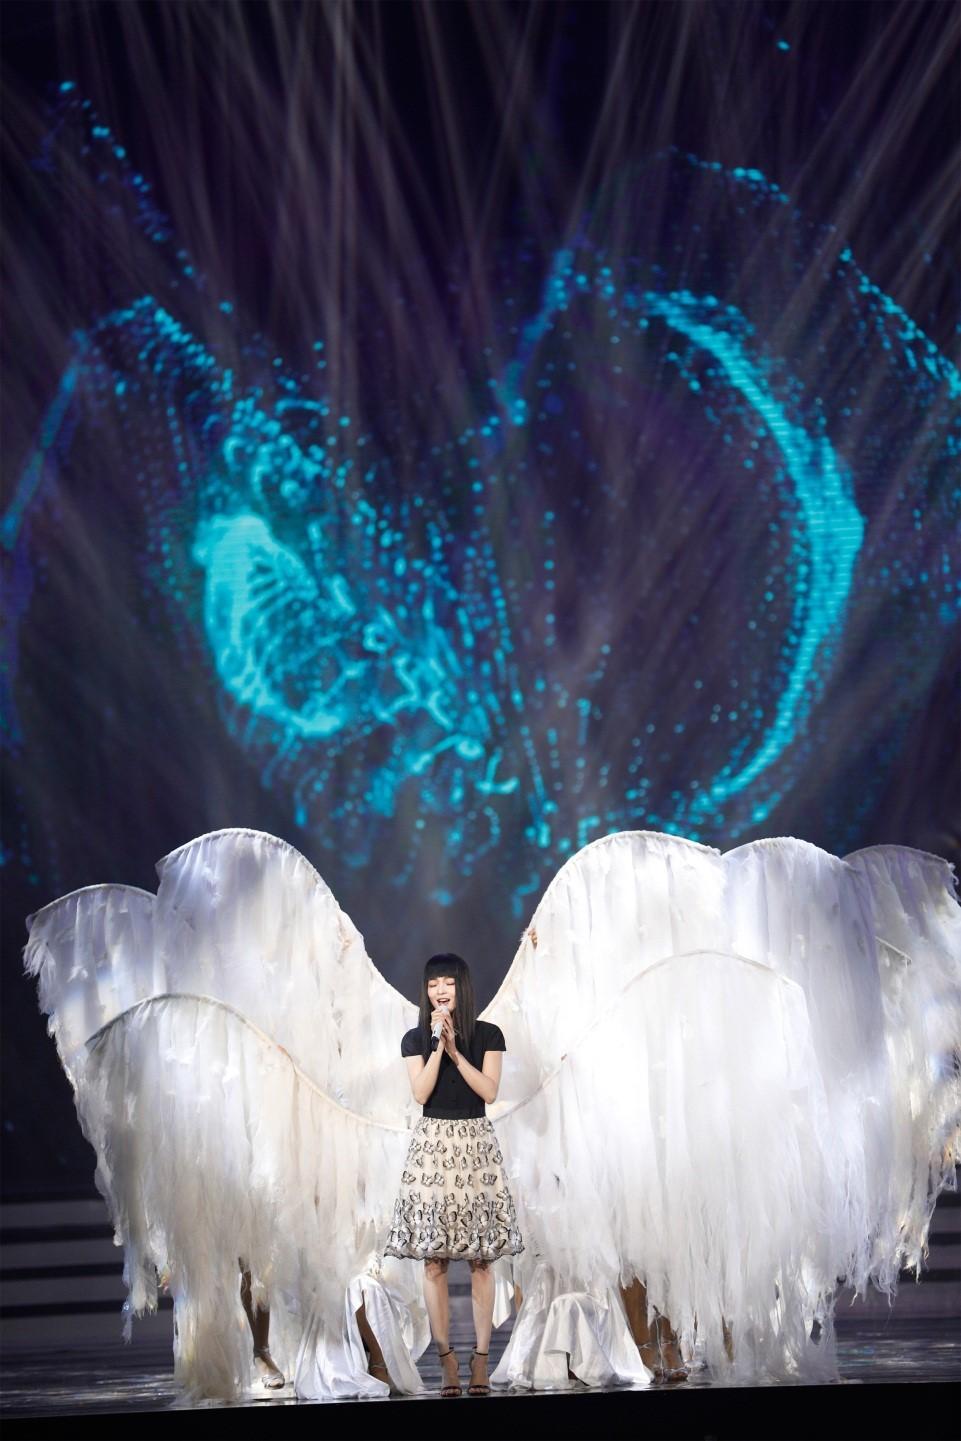 张韶涵灵动献唱《隐形的翅膀》